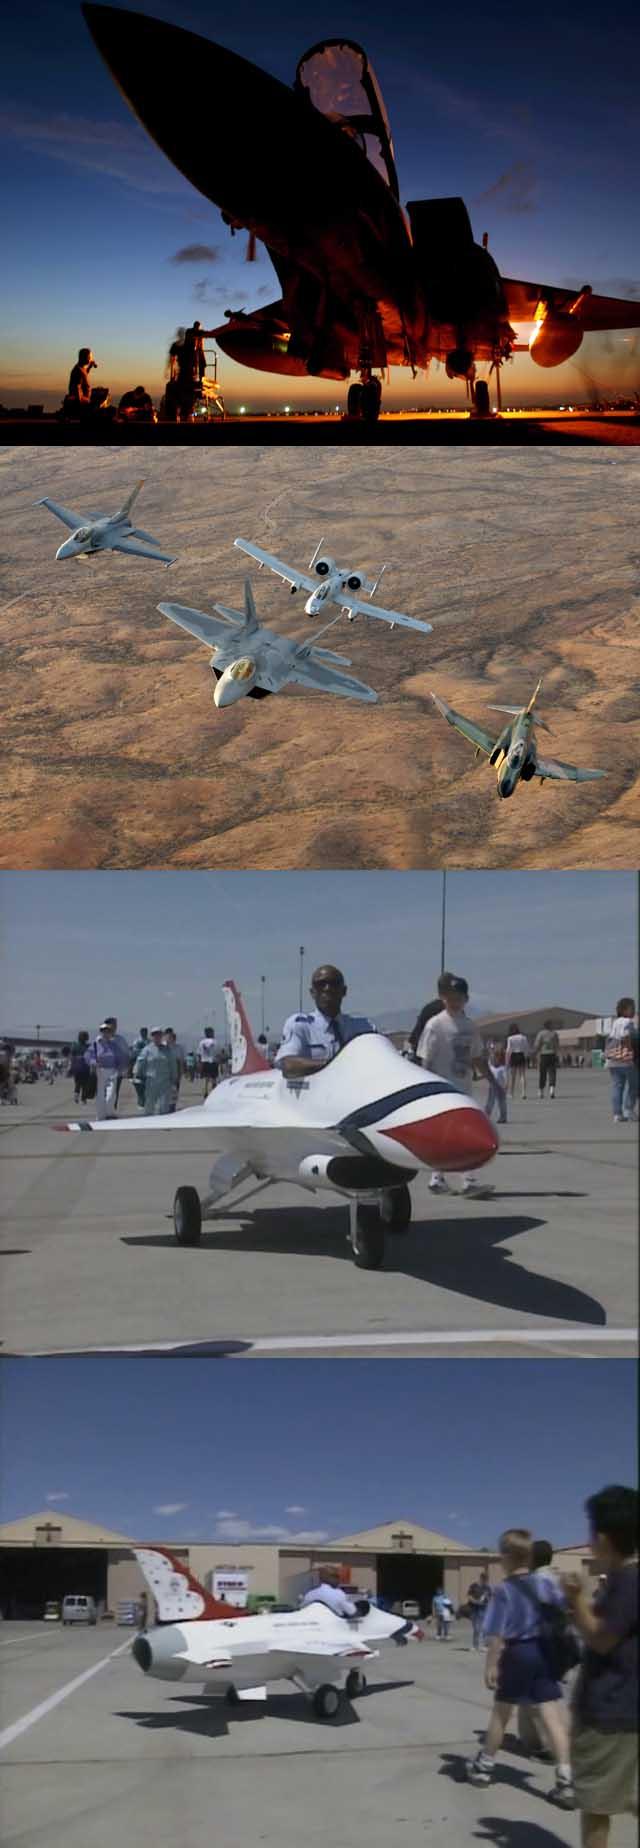 【自衛隊】「ブルーインパルス」ならぬ「レッドインパルス」?!航空機のない基地の��精鋭部隊�� [無断転載禁止]©2ch.netYouTube動画>1本 ->画像>19枚